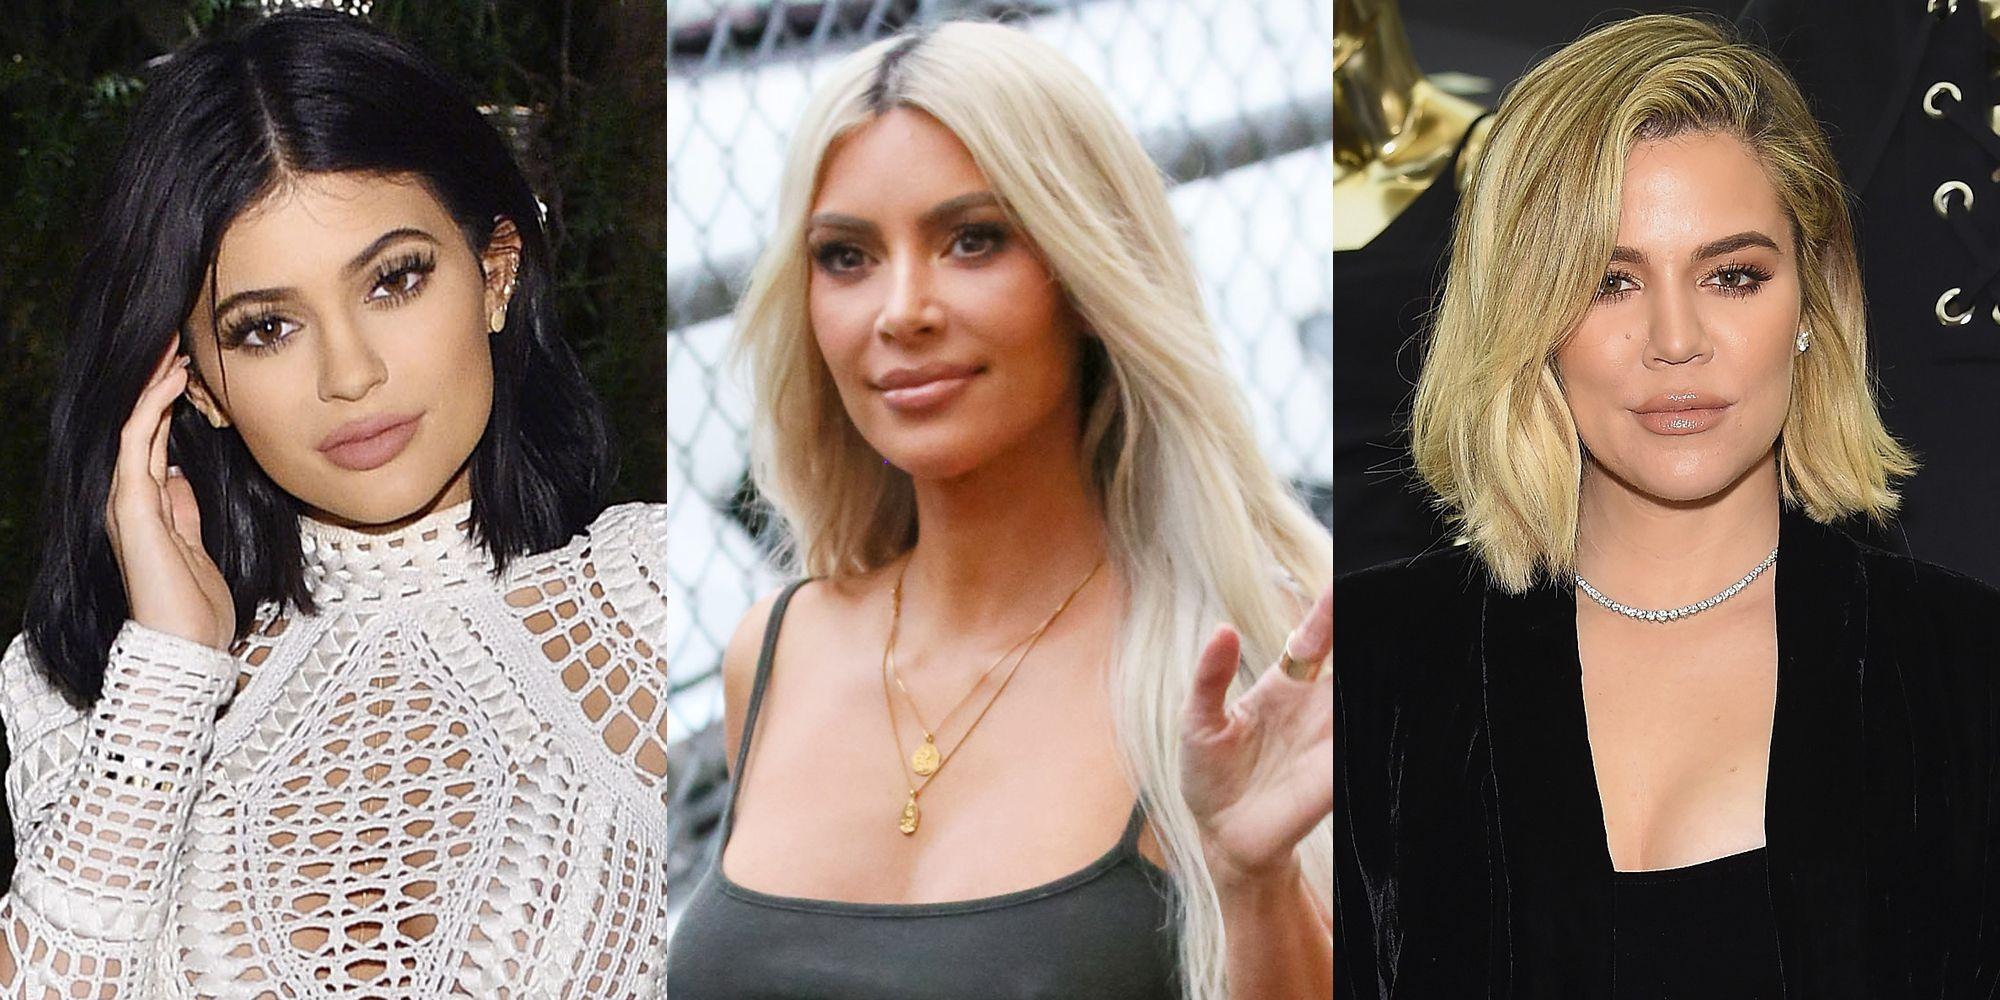 Kylie, Kim, and Khloe Kardashian